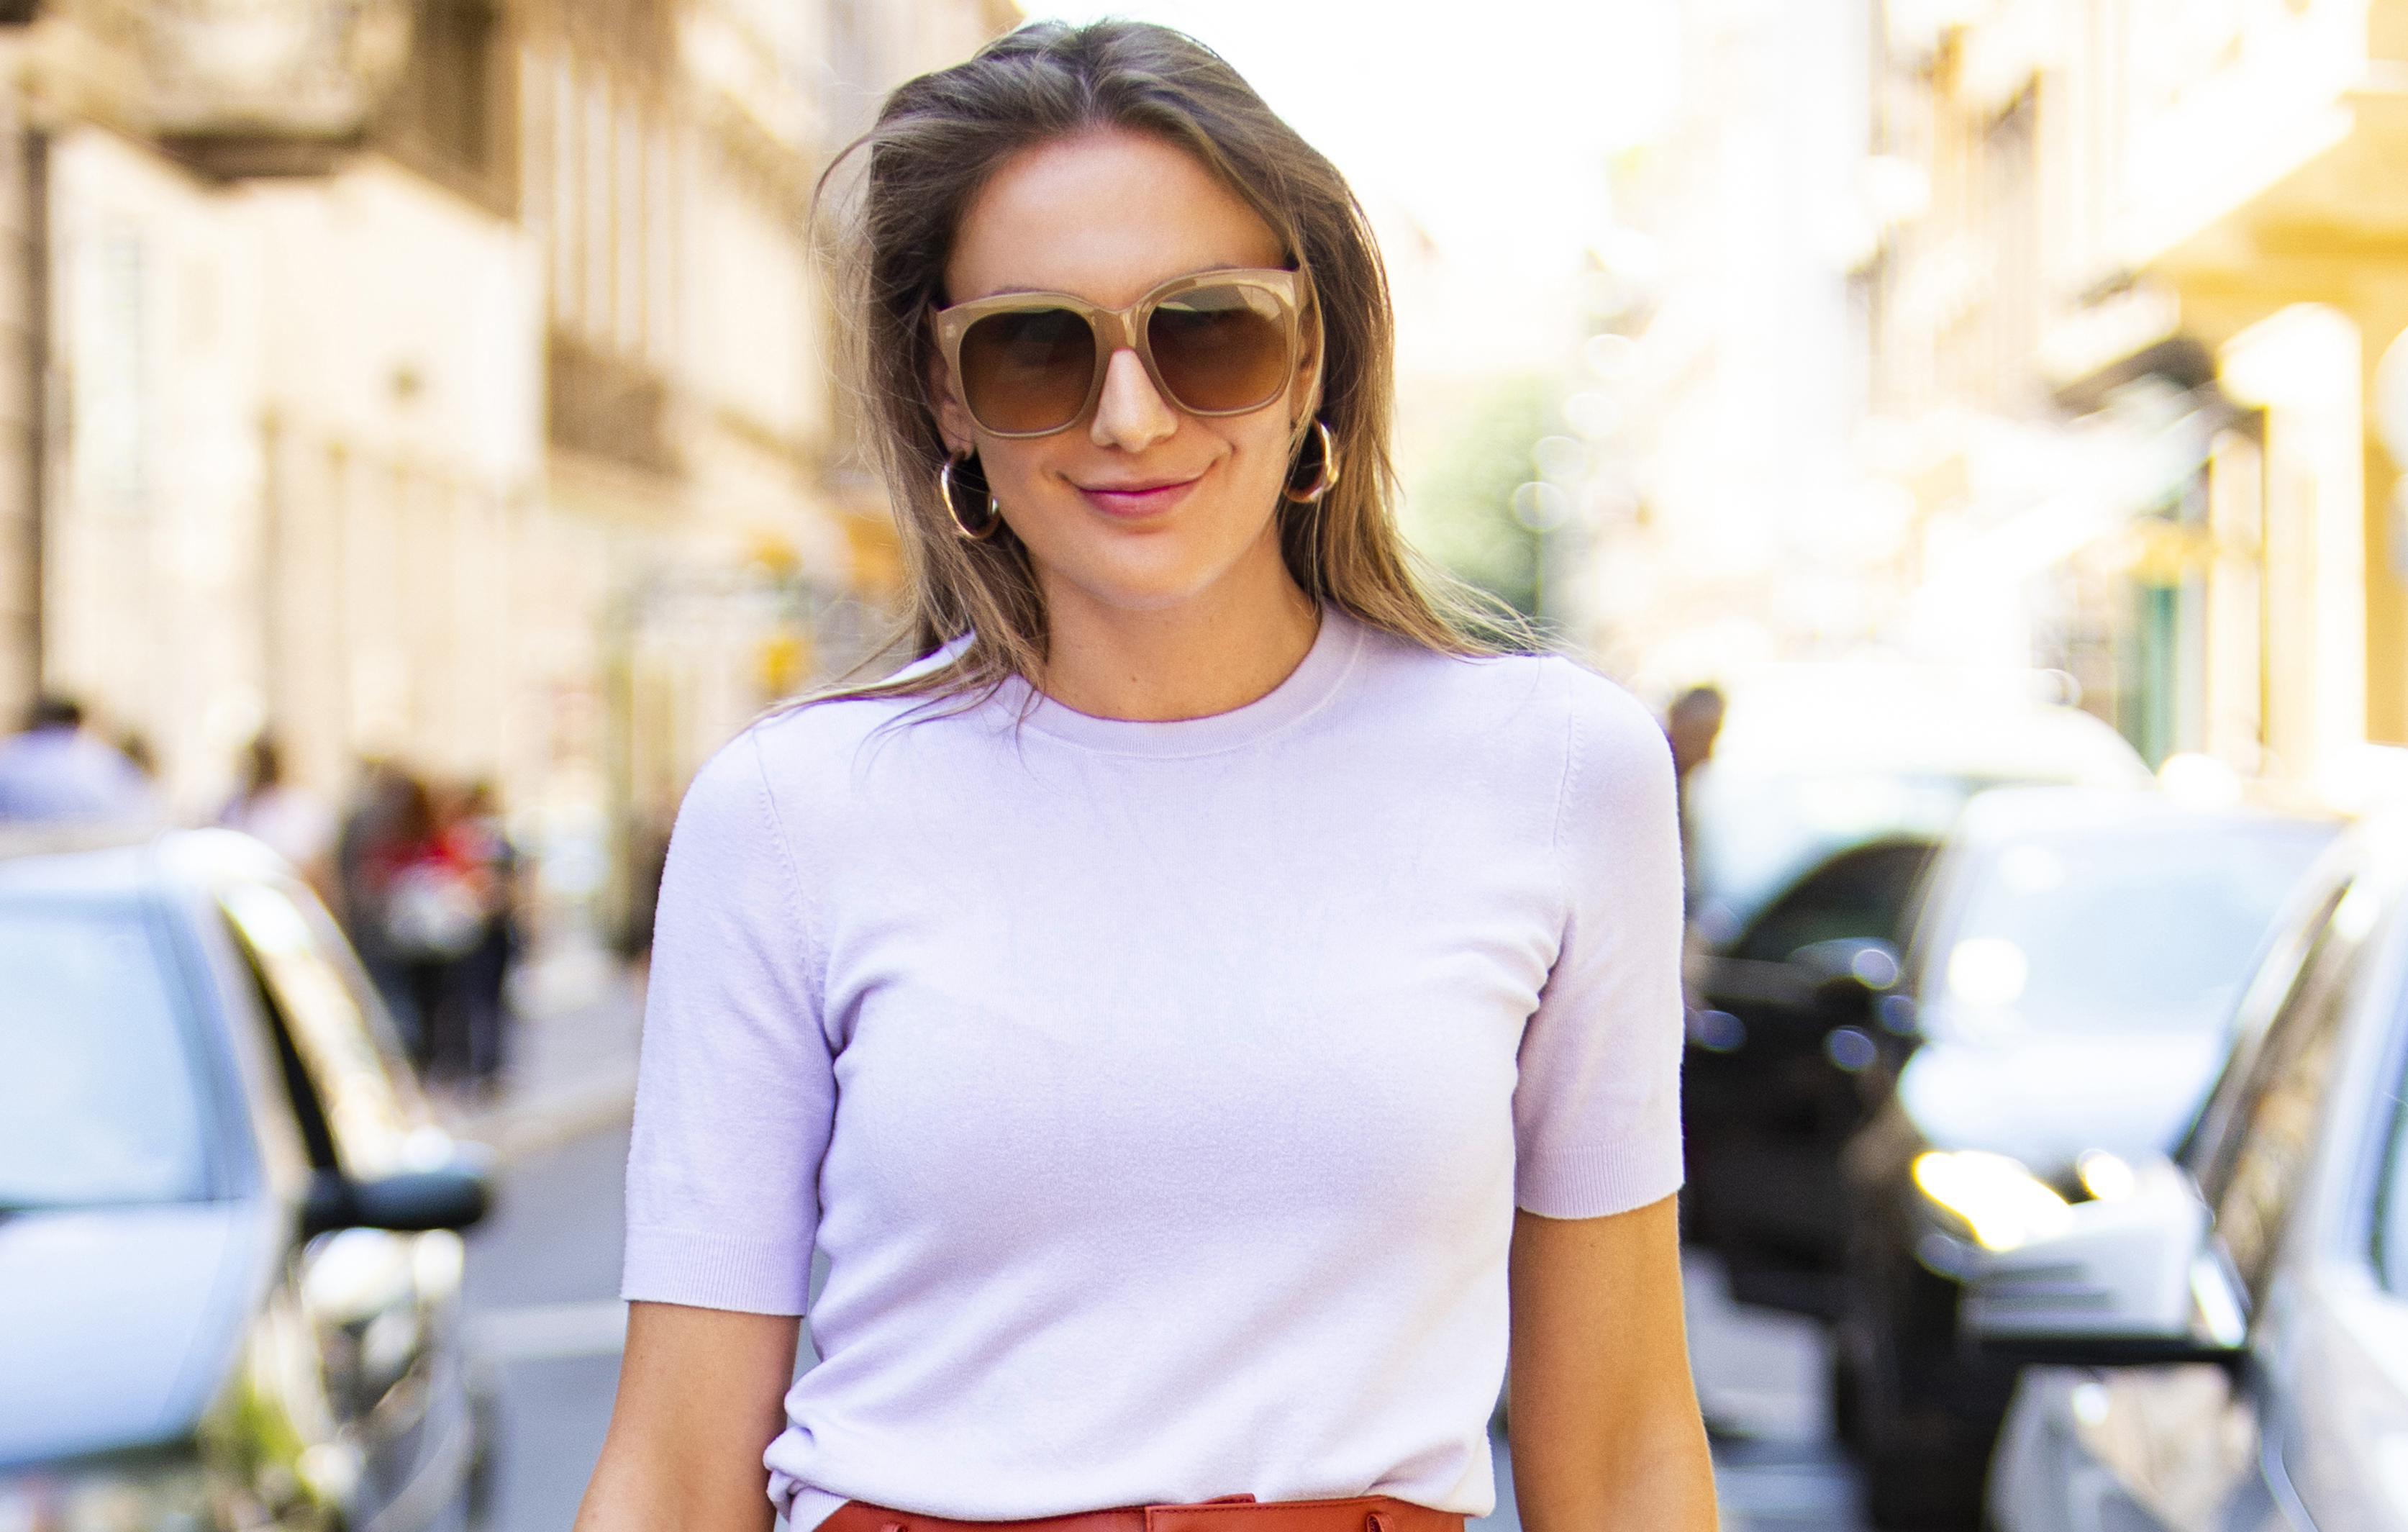 Kožne hlačice, hit natikače i bijela majica: Ljepotica pokazala stajling kojem je teško pronaći manu